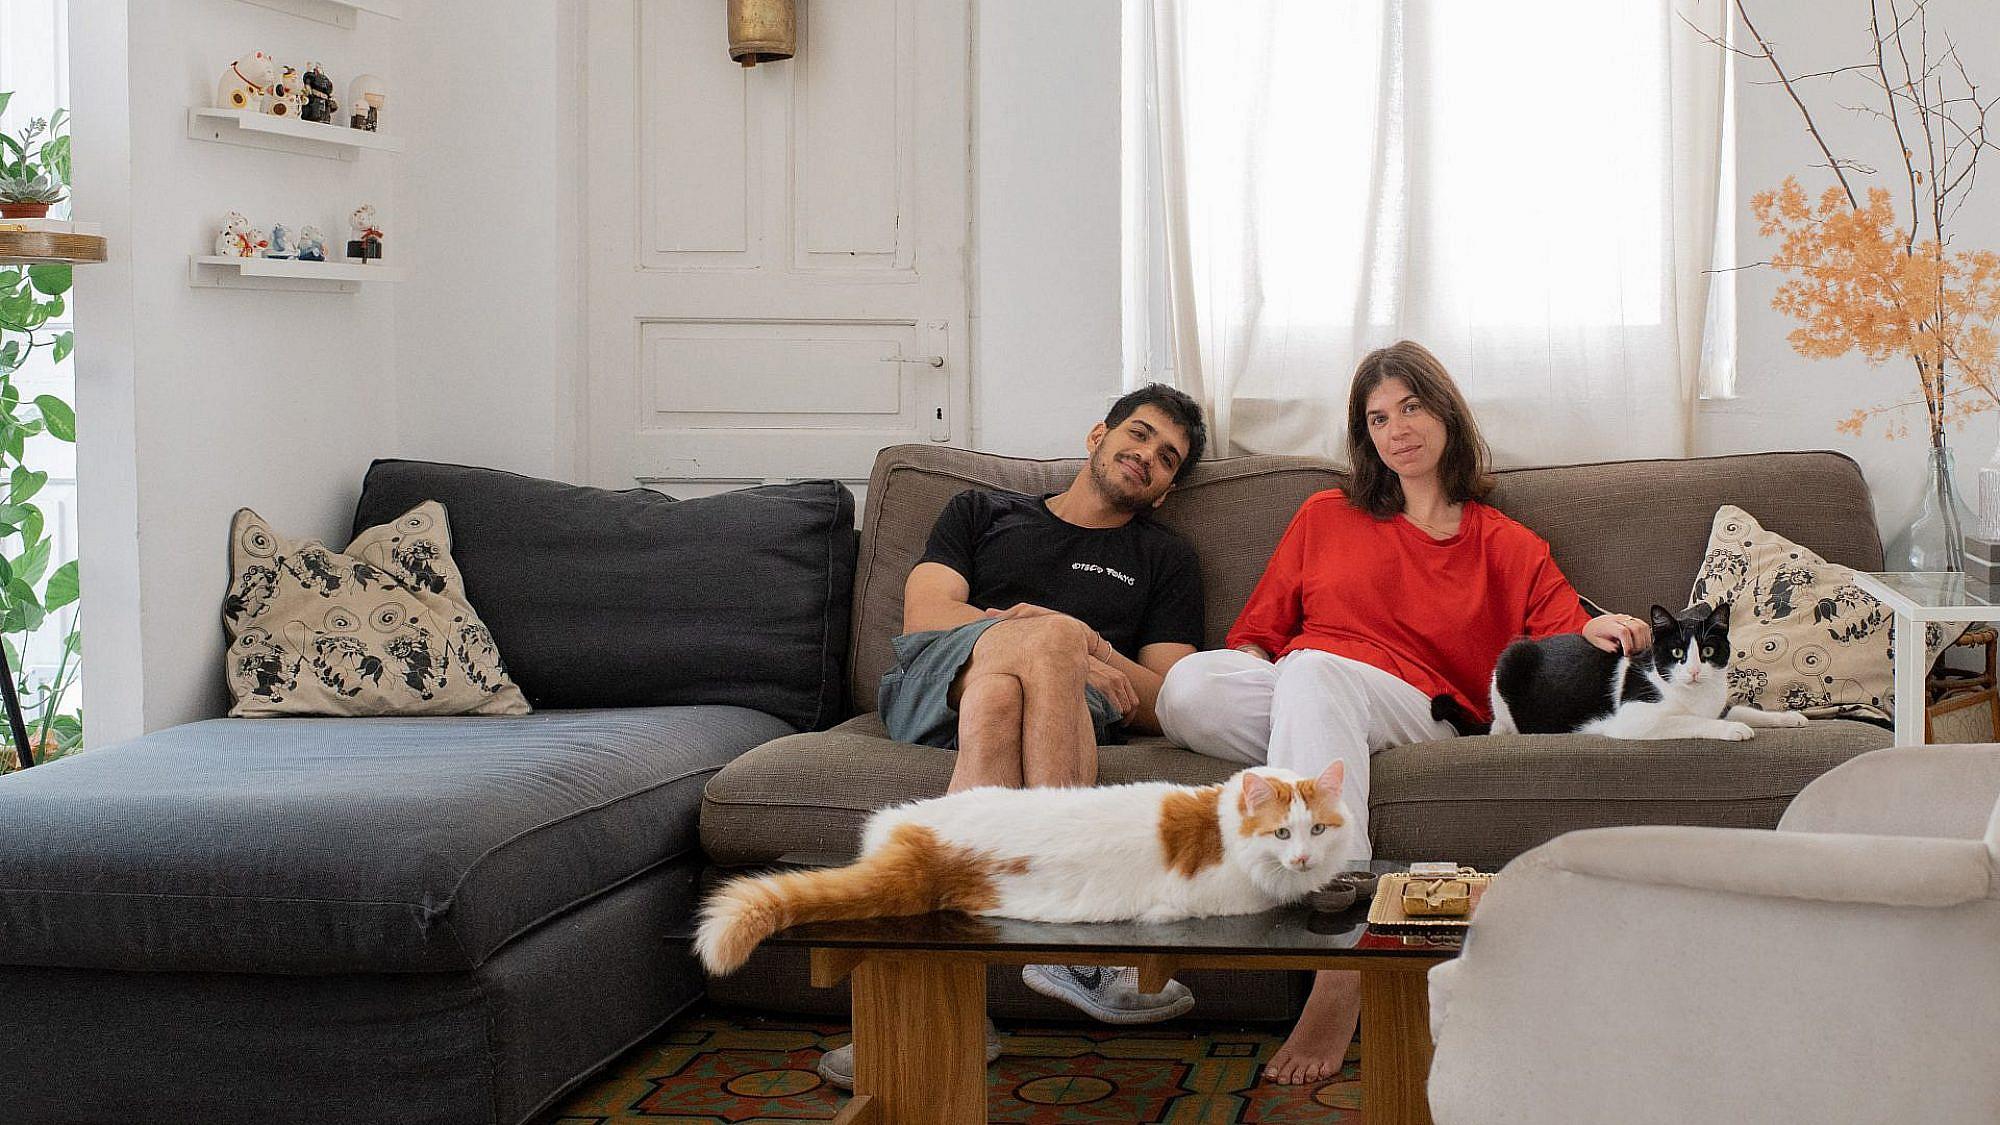 טויו, מיסו, אור ויון בפורטרט משפחתי בסלון (צילום: אור עדני)